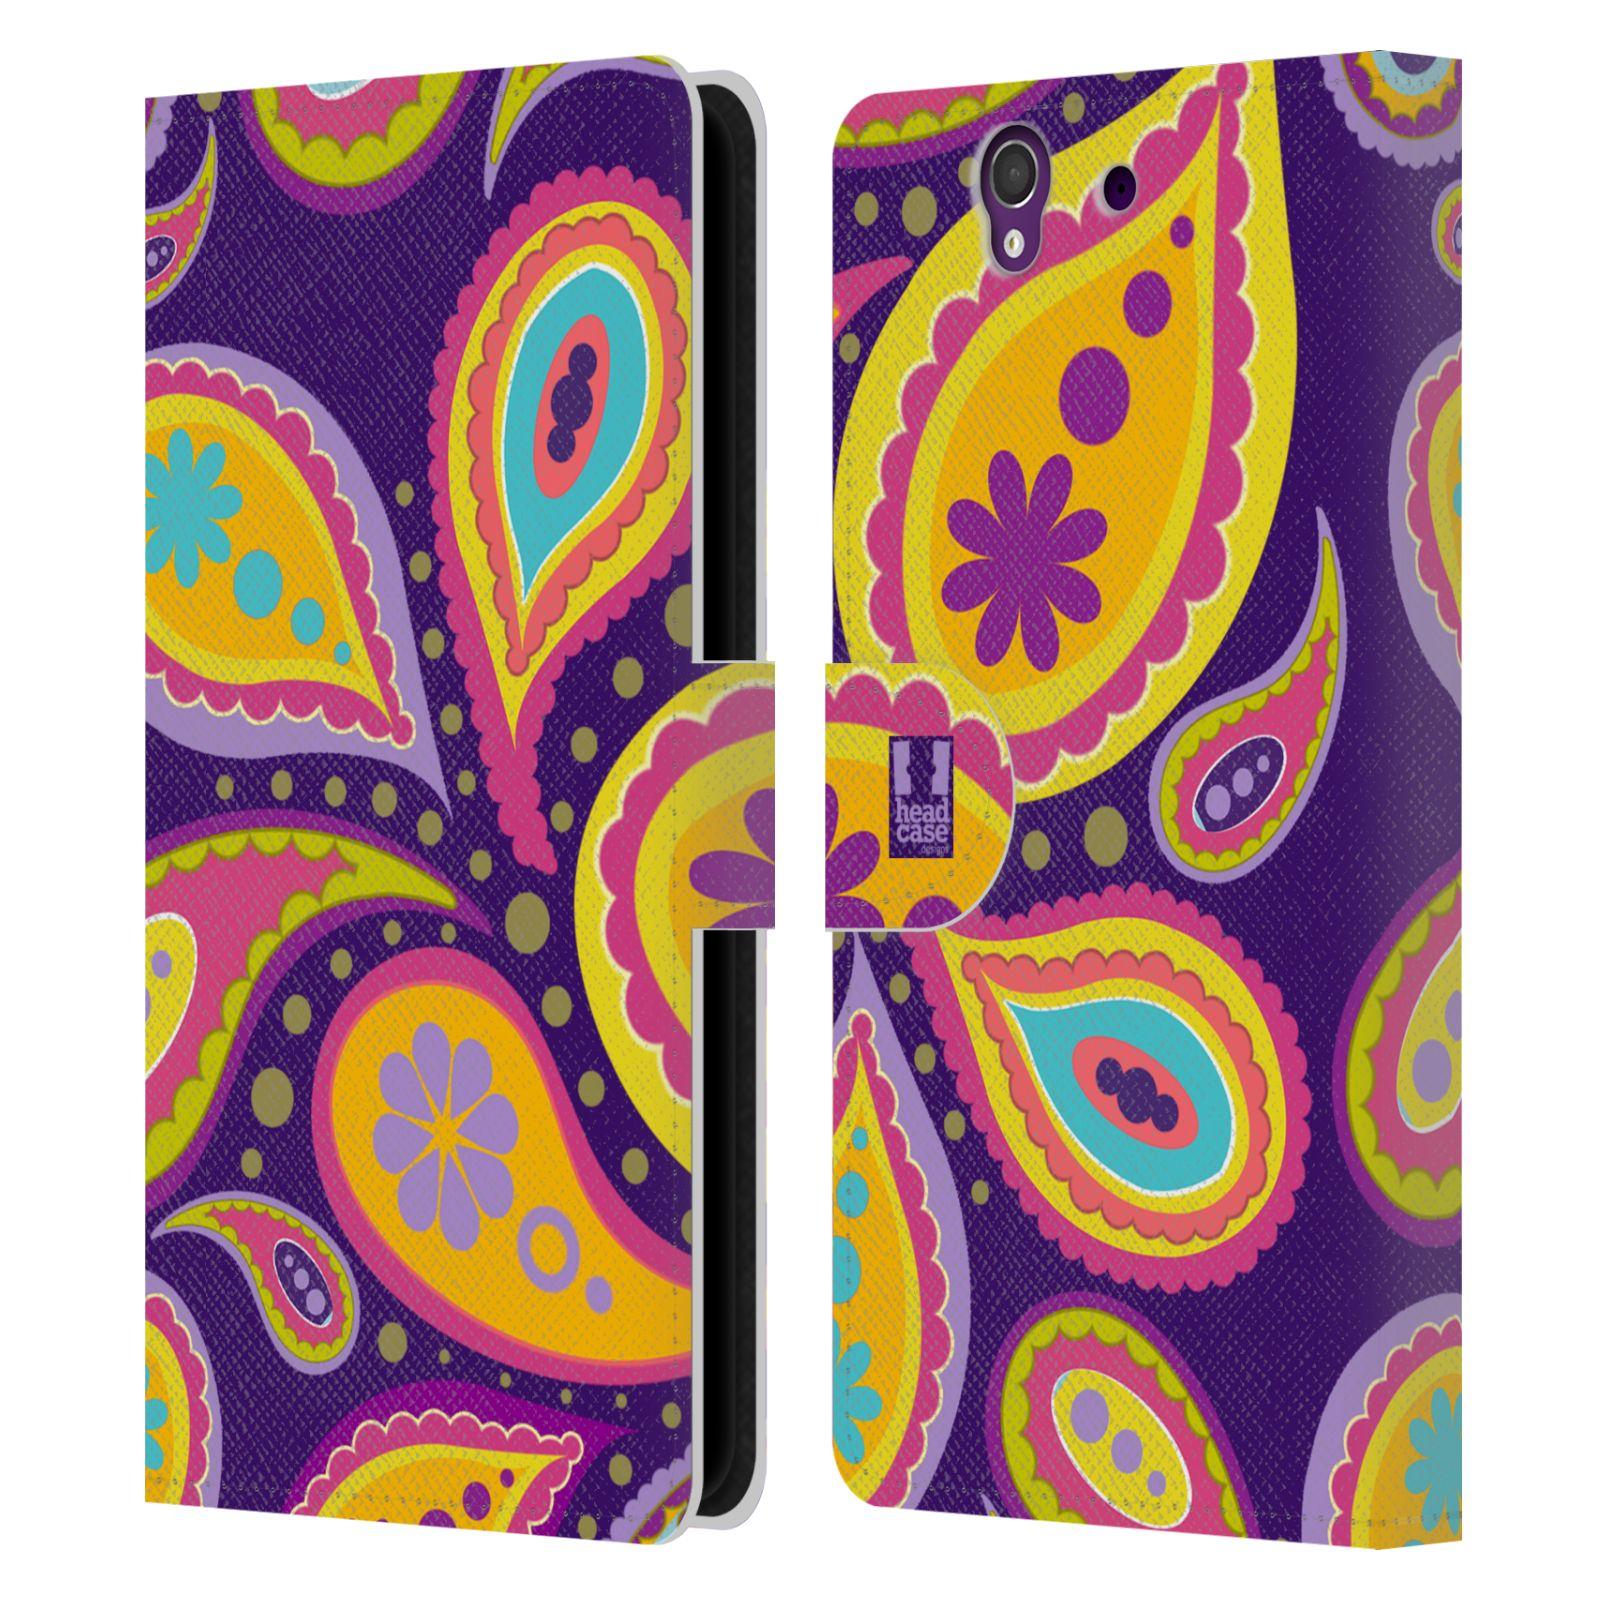 HEAD CASE Flipové pouzdro pro mobil SONY XPERIA Z (C6603) barevné slzy fialová a oranžová